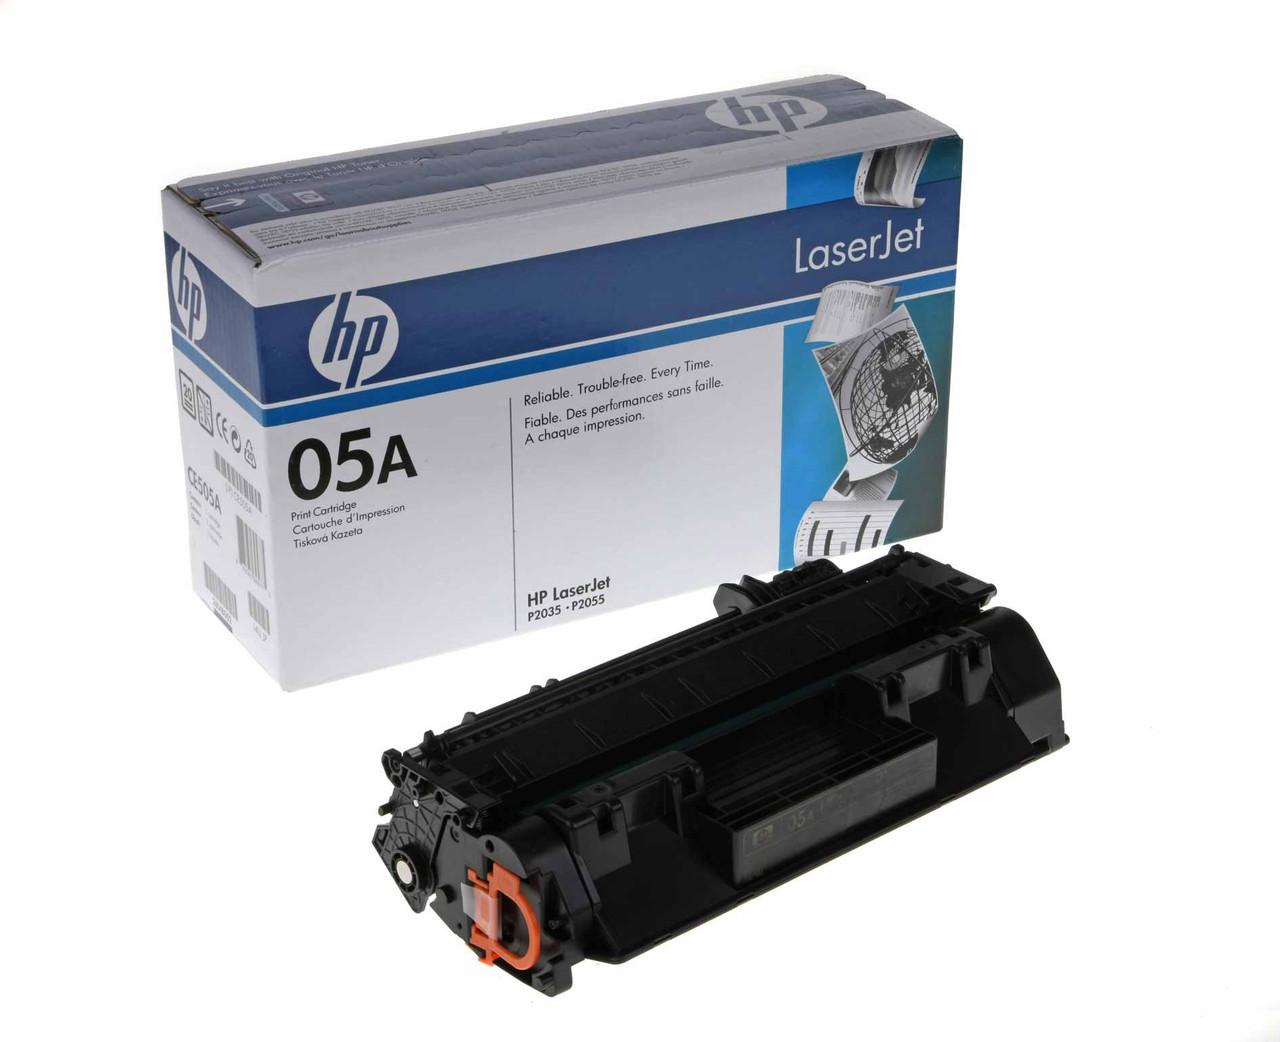 HP CE505A - Black